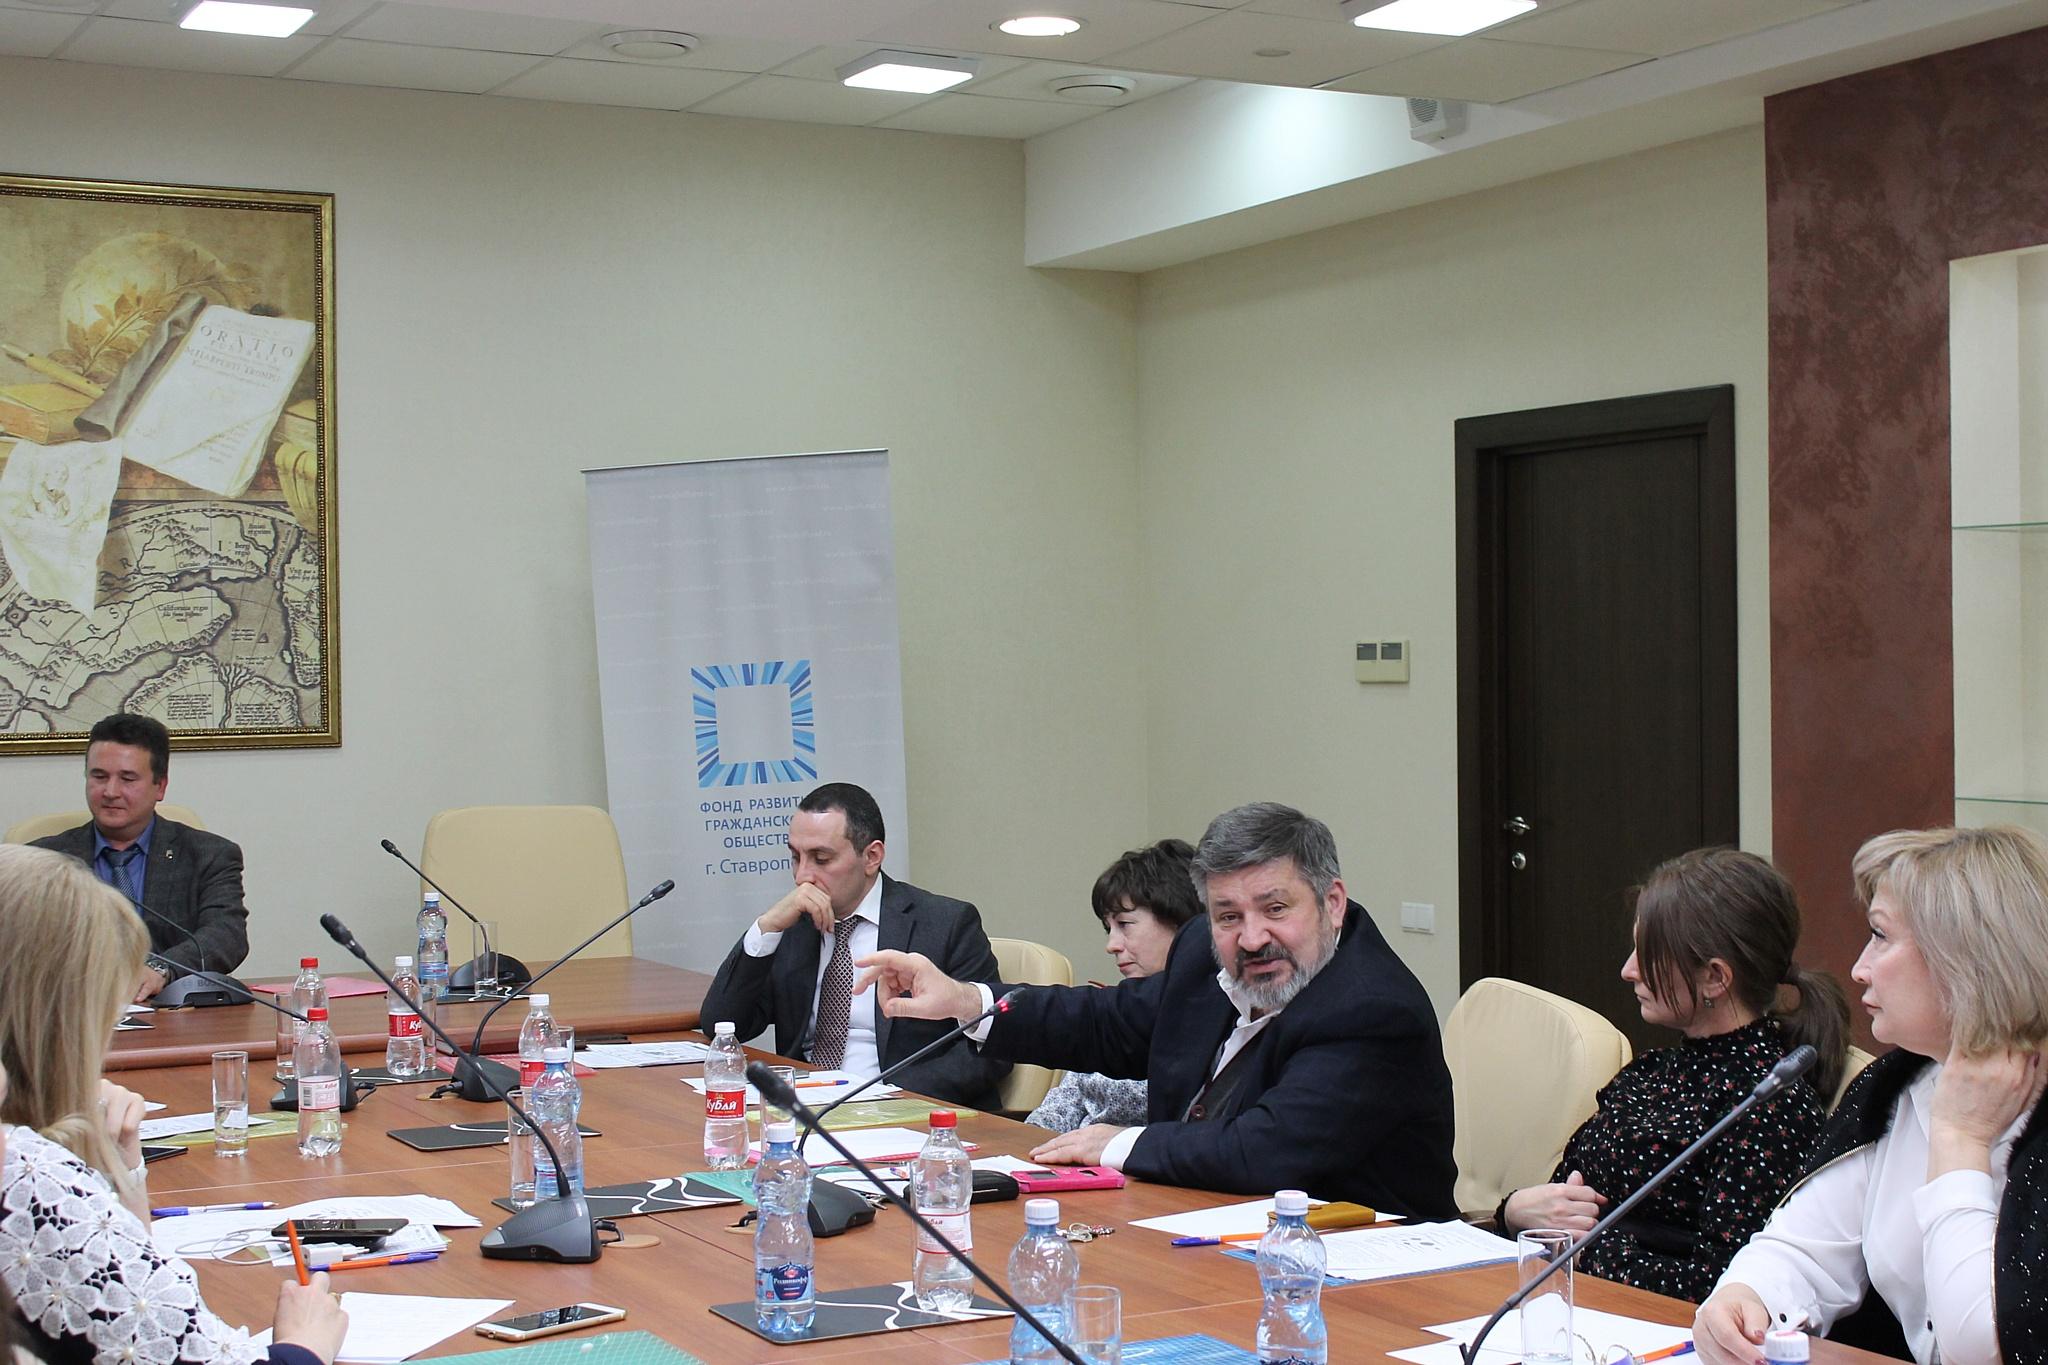 Геннадий Косов: Граждане хотят, чтобы власть их слушала и слышала